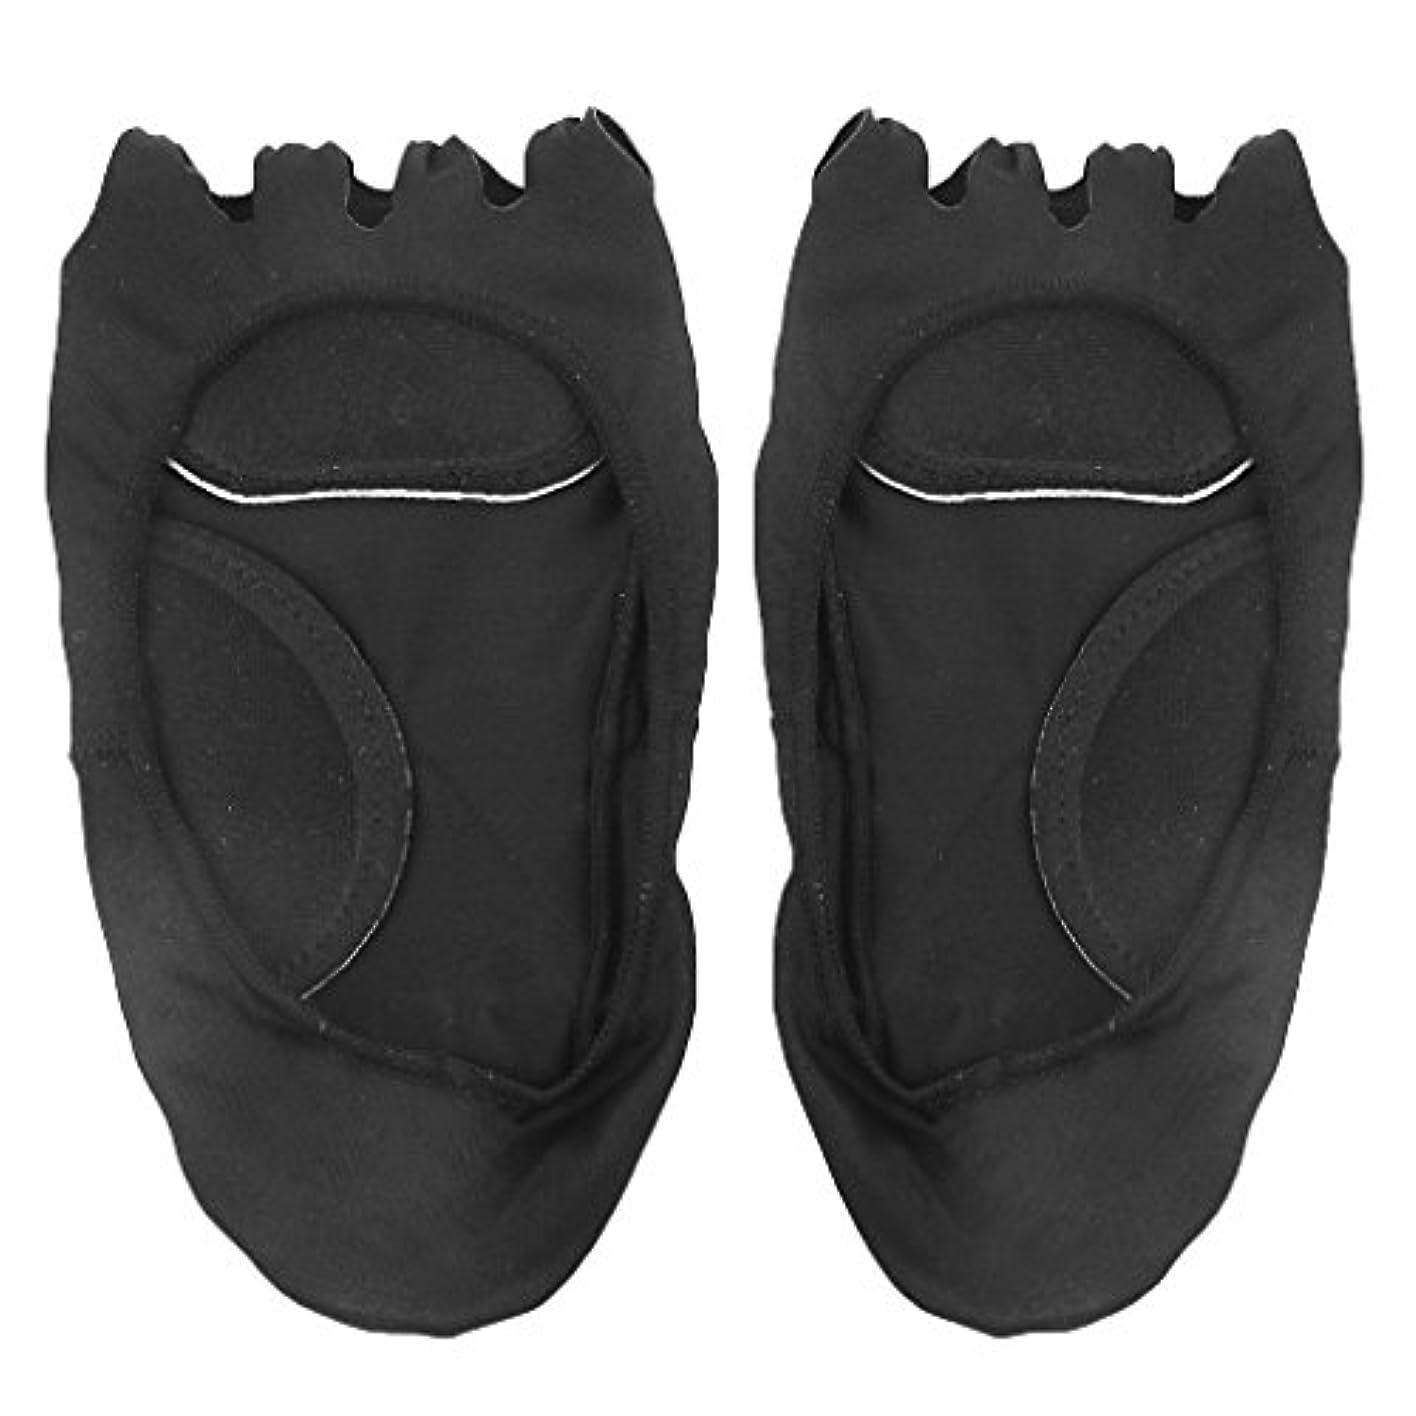 リブ変成器ベルト【Footful】ソックス 靴下 5つ本指つま先 ボートソックス マッサージパッド 見えない 滑り止め アンクルソックス (ブラック)